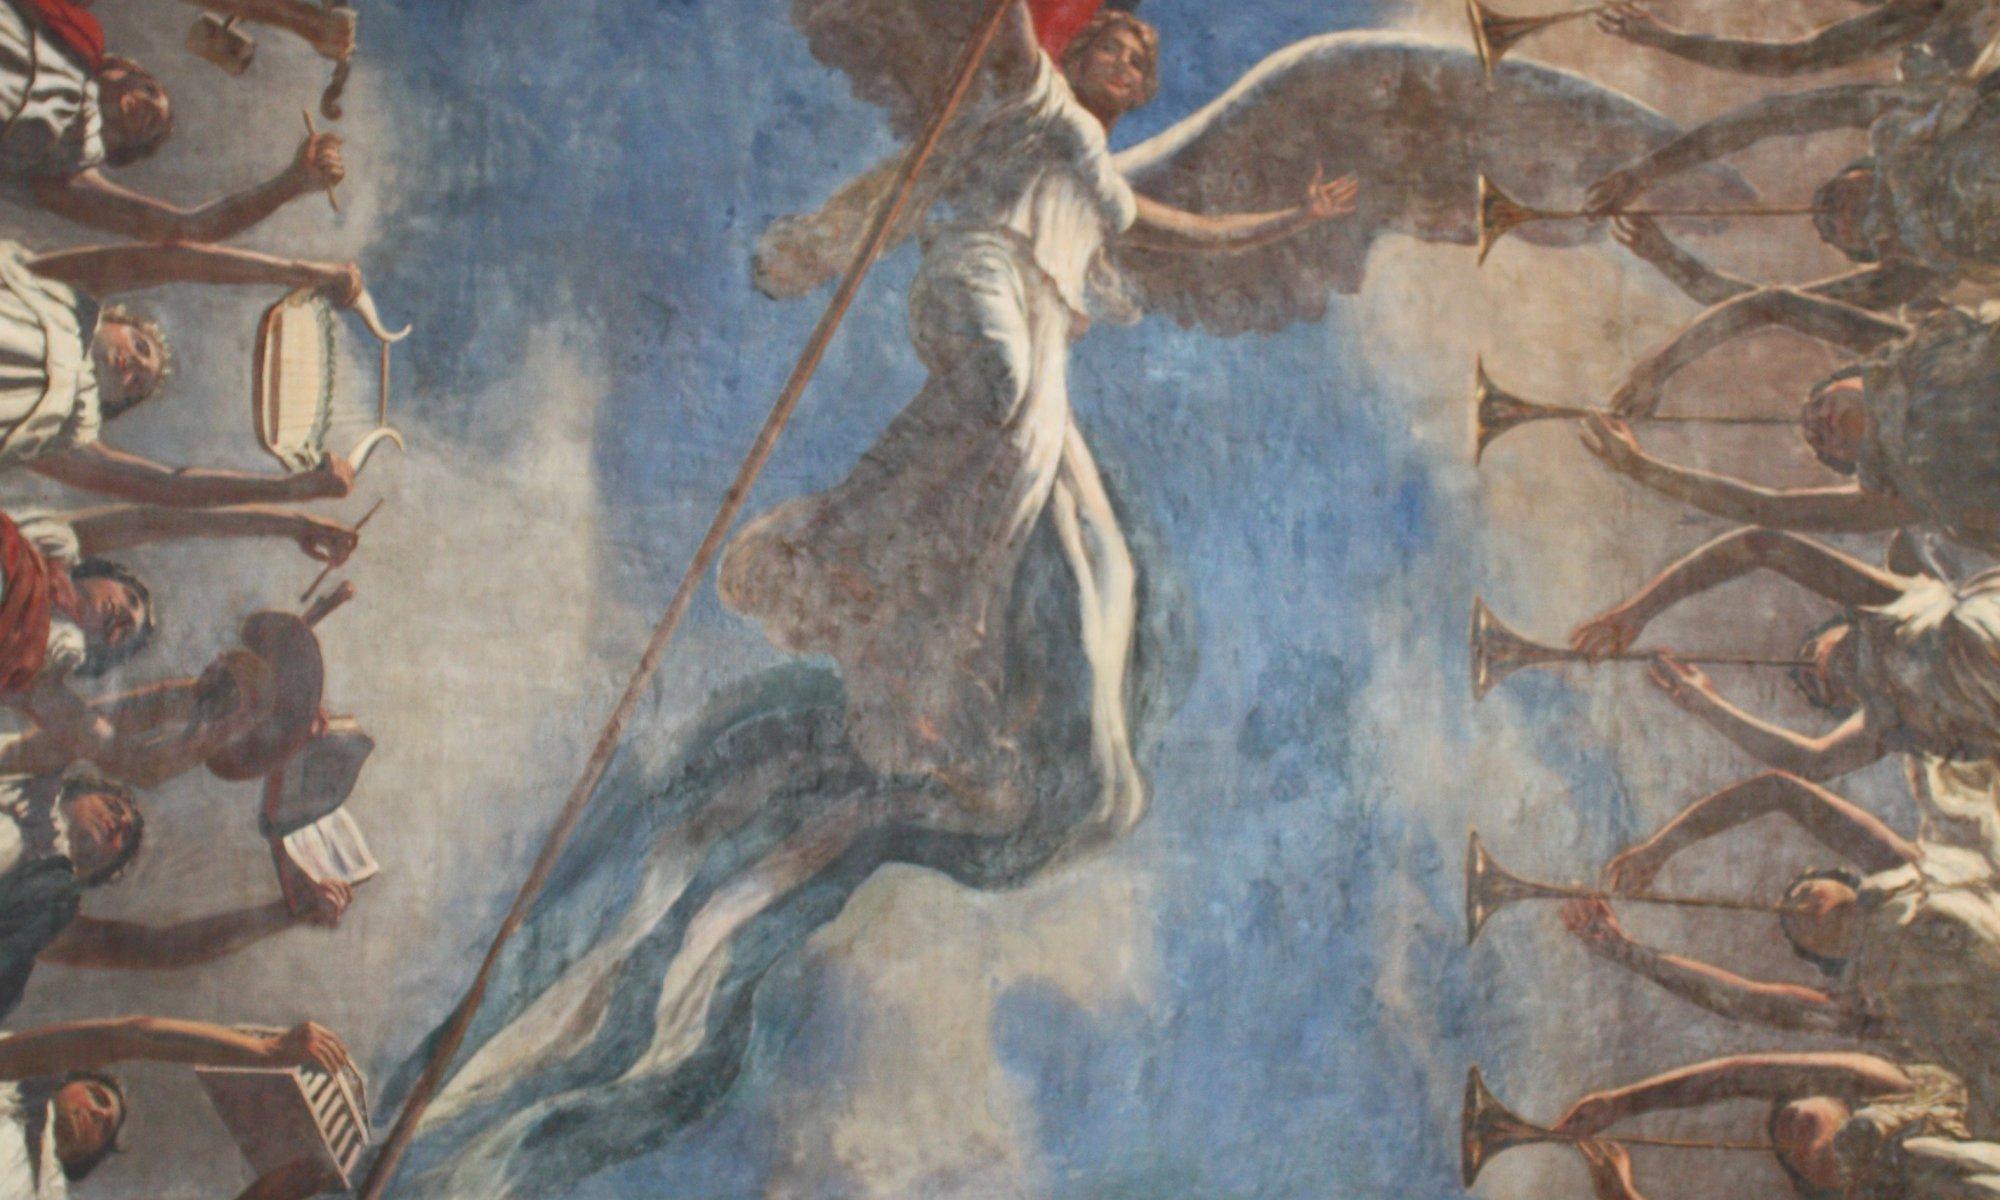 Museo de la Revolución, La Habana, Cuba